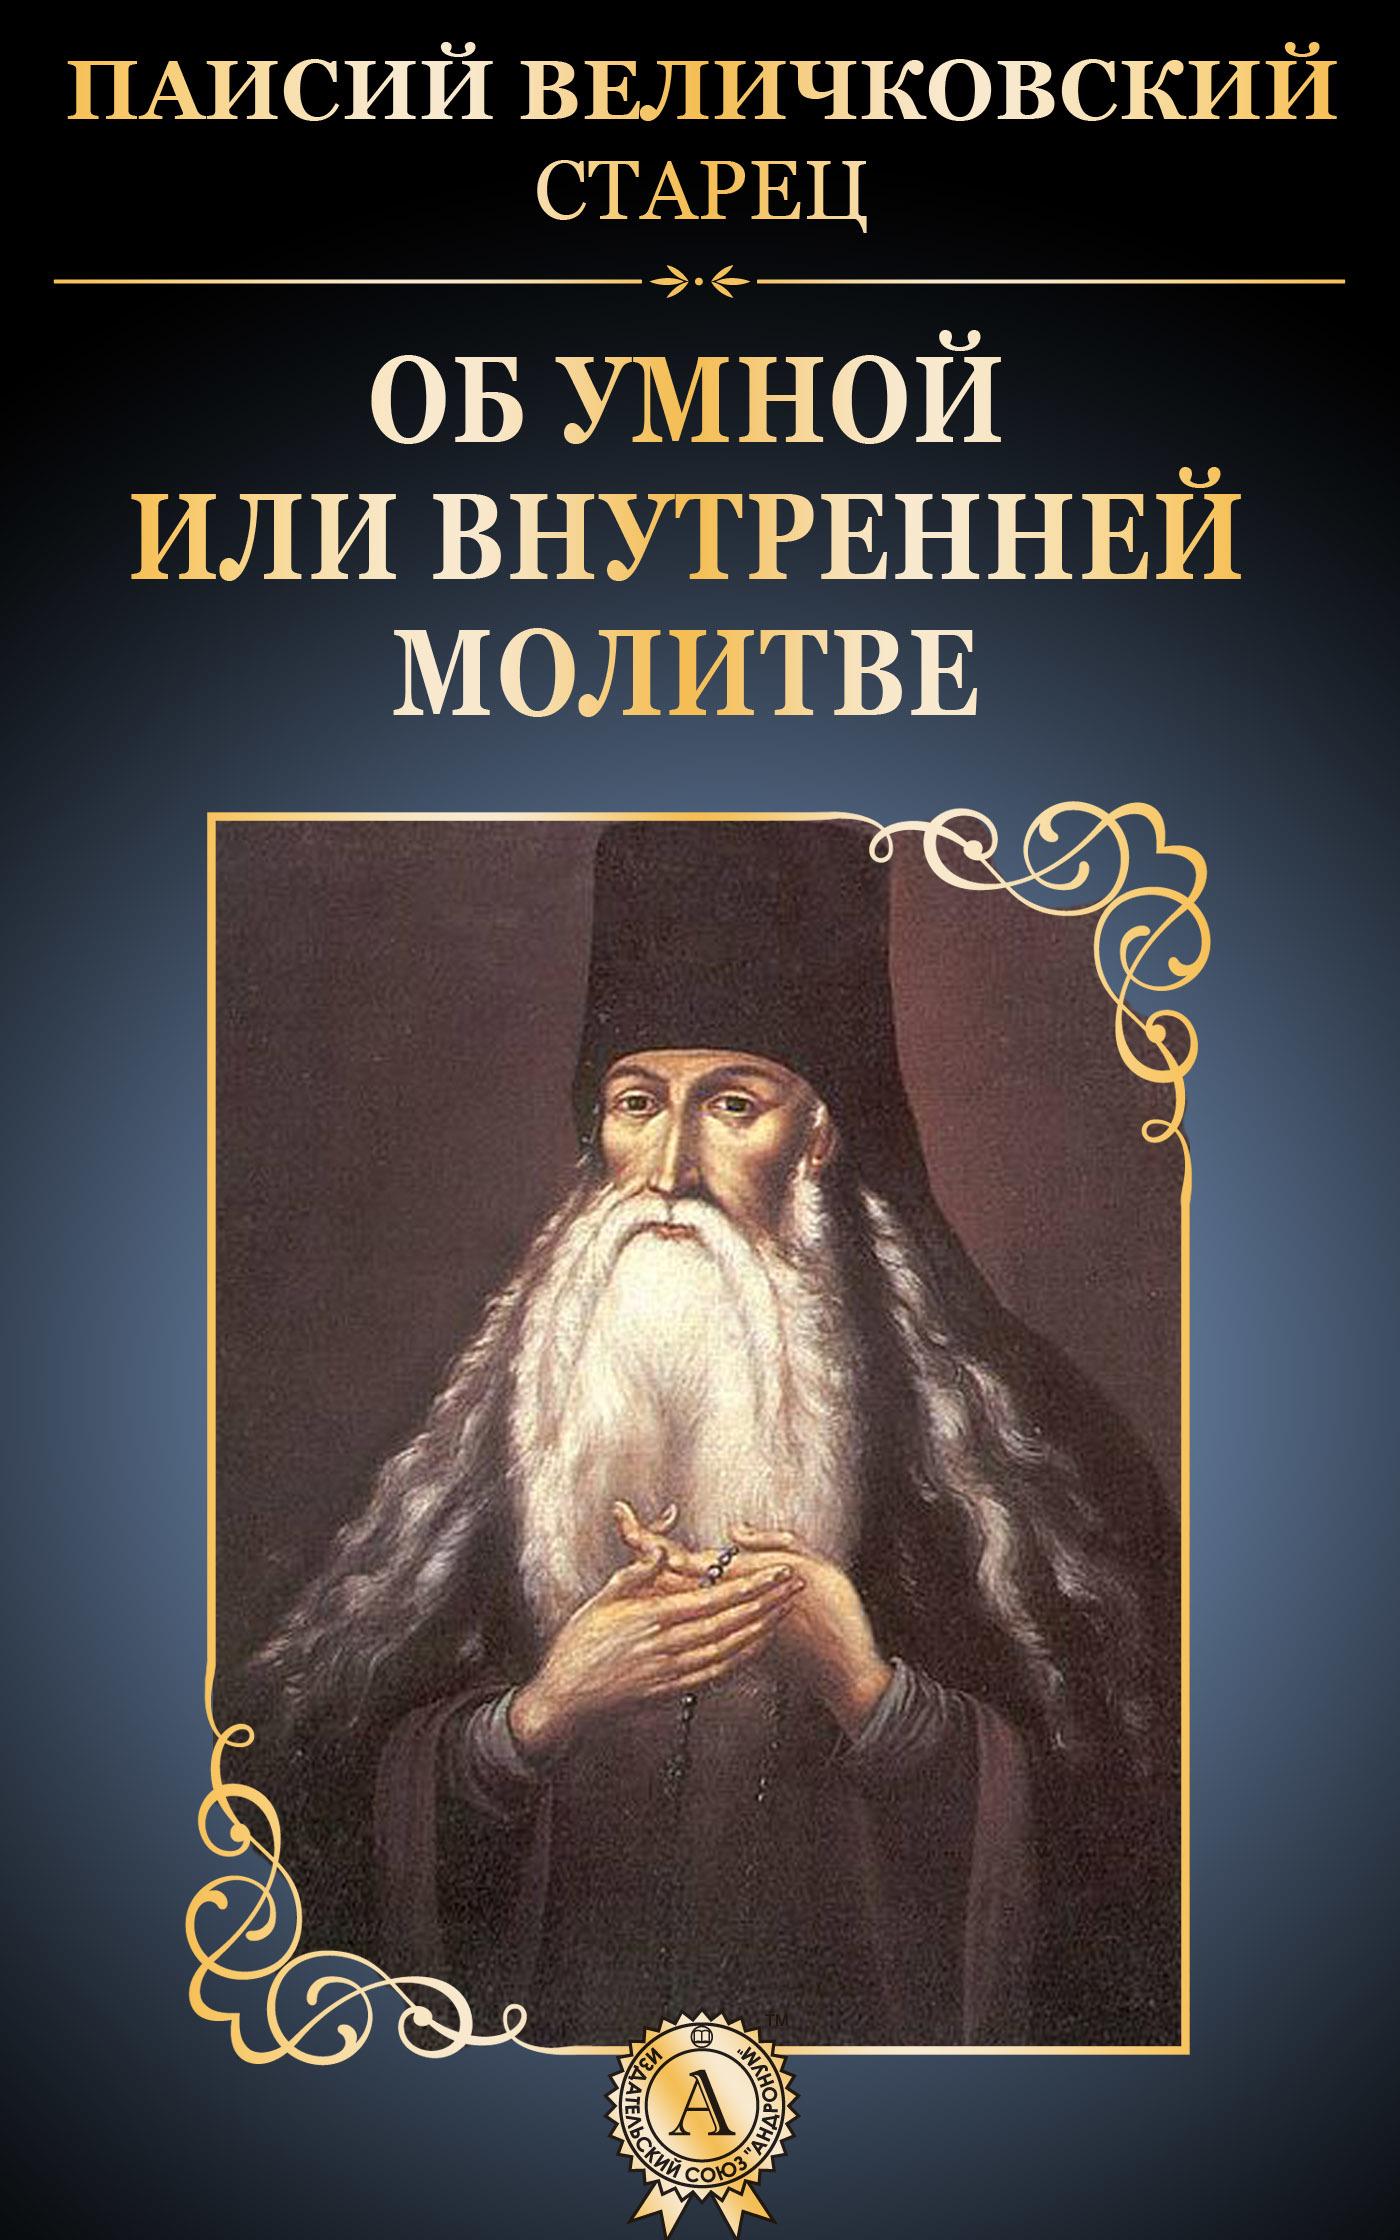 старец Паисий Величковский Об умной или внутренней молитве хундай туксон в полтаве